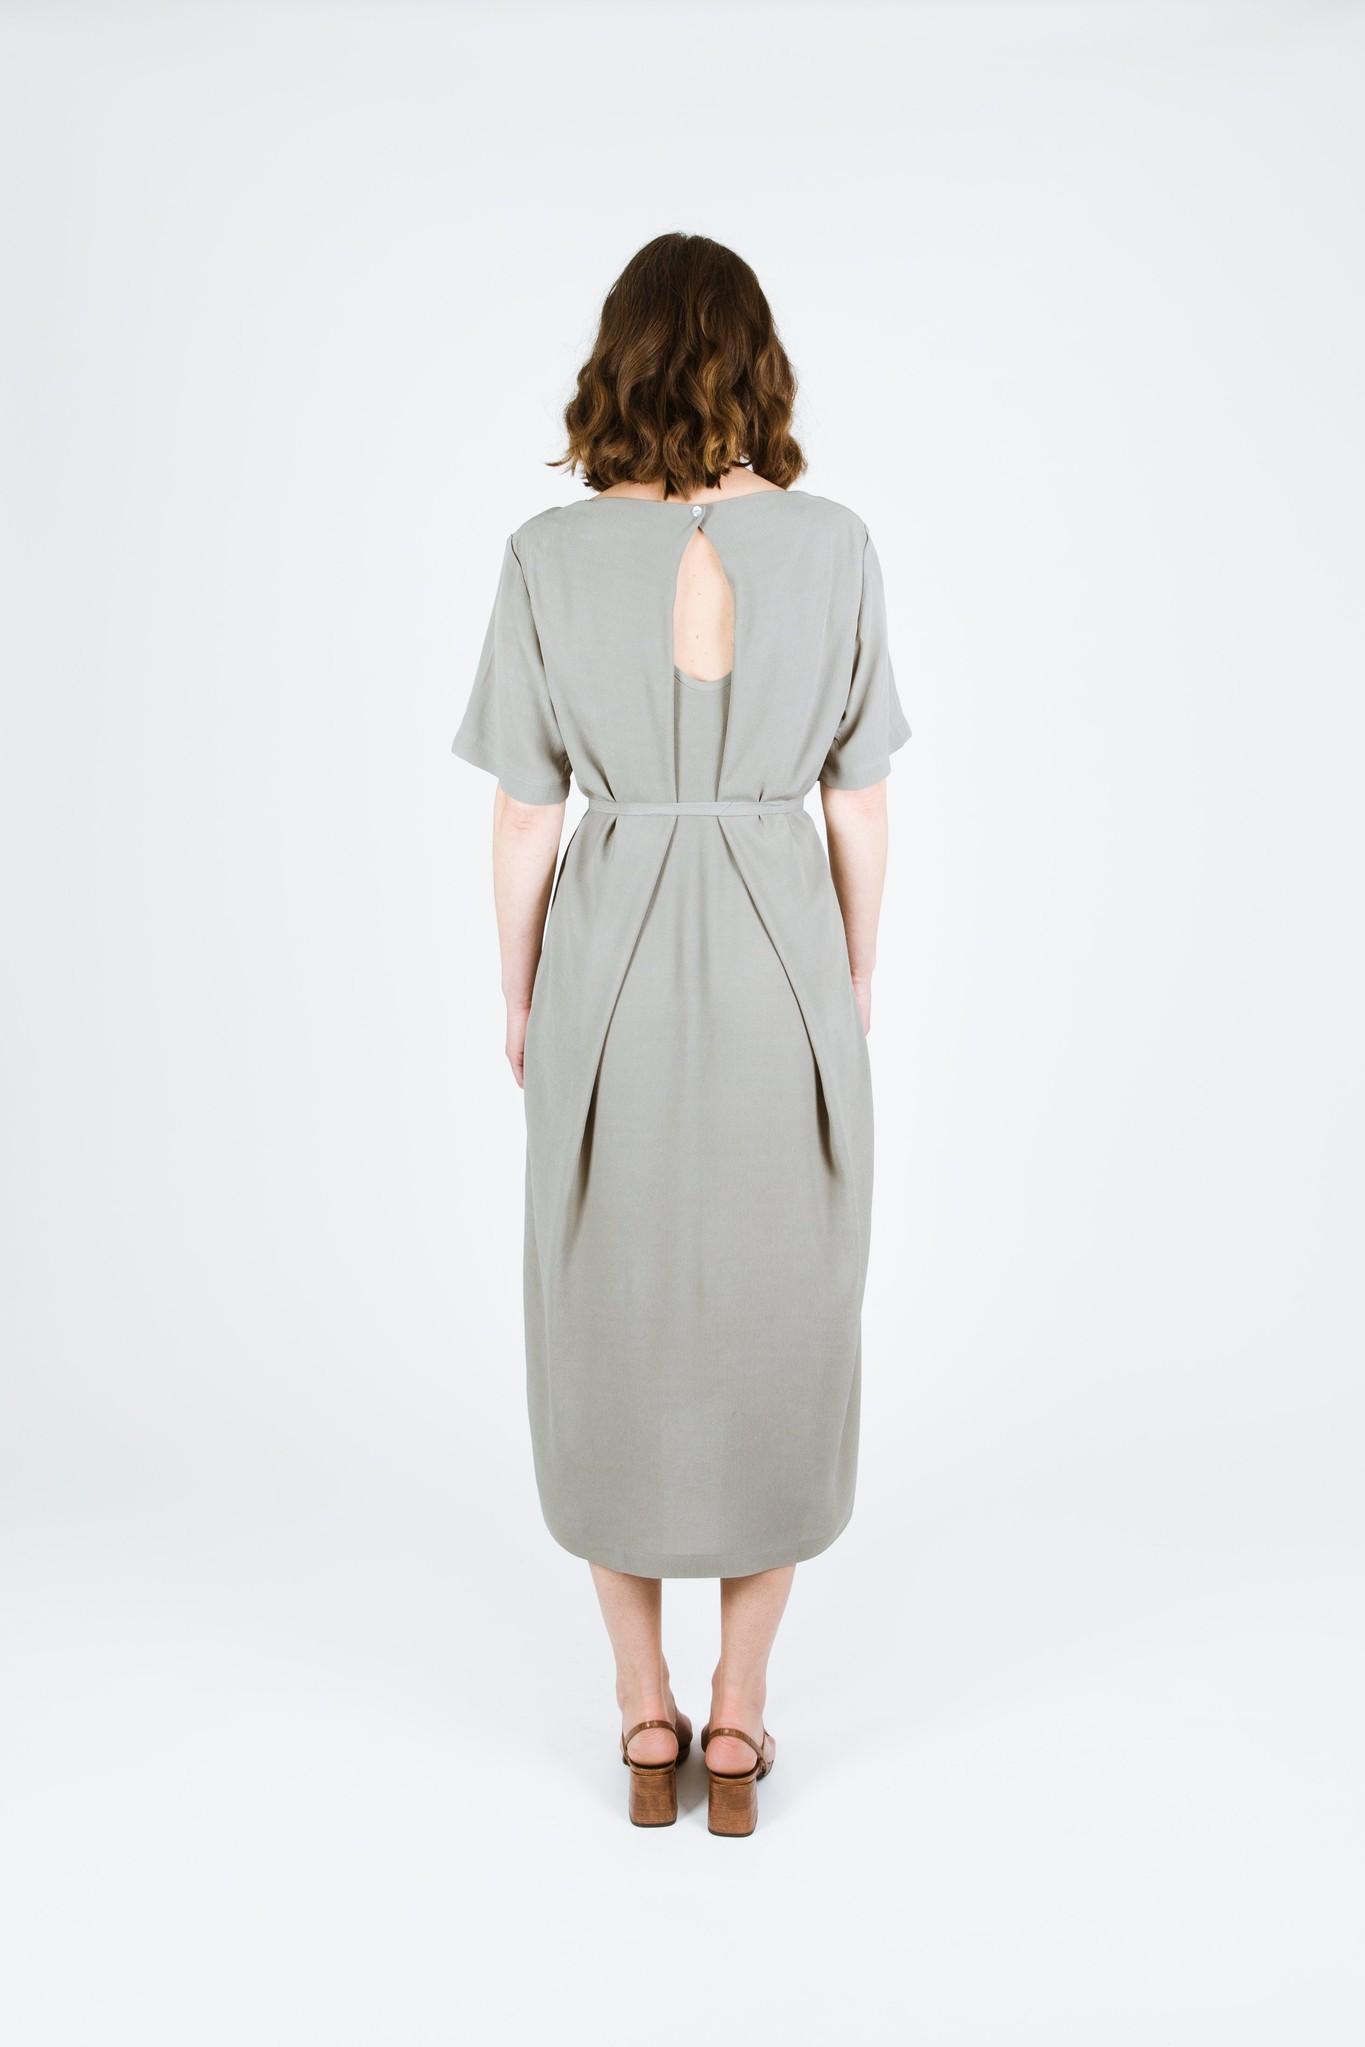 Papercut Patterns Tide Dress by Papercut Patterns